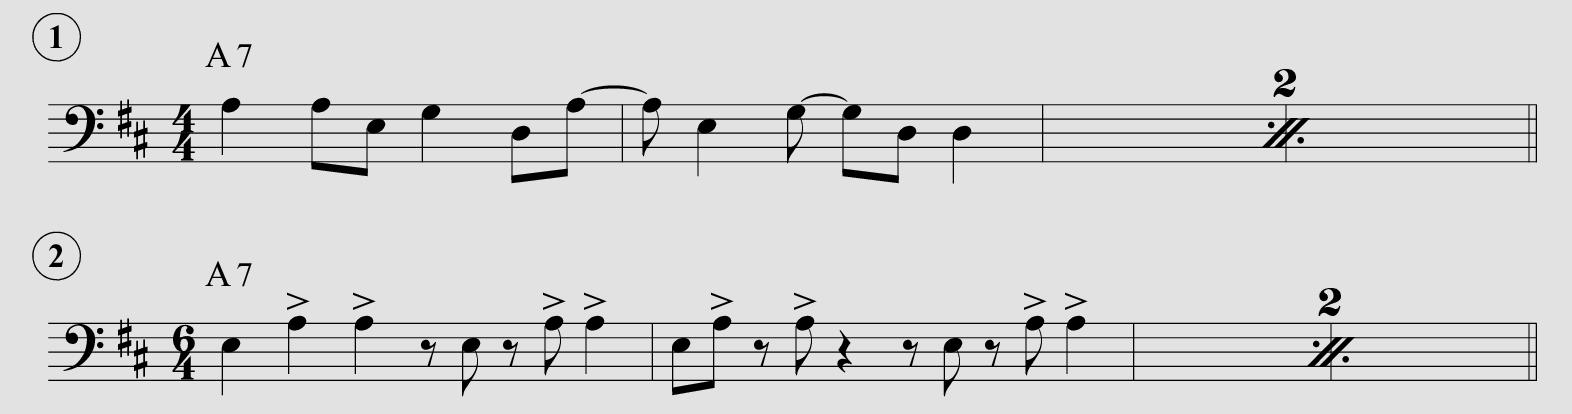 Busy Port, spartito del riff di pianoforte